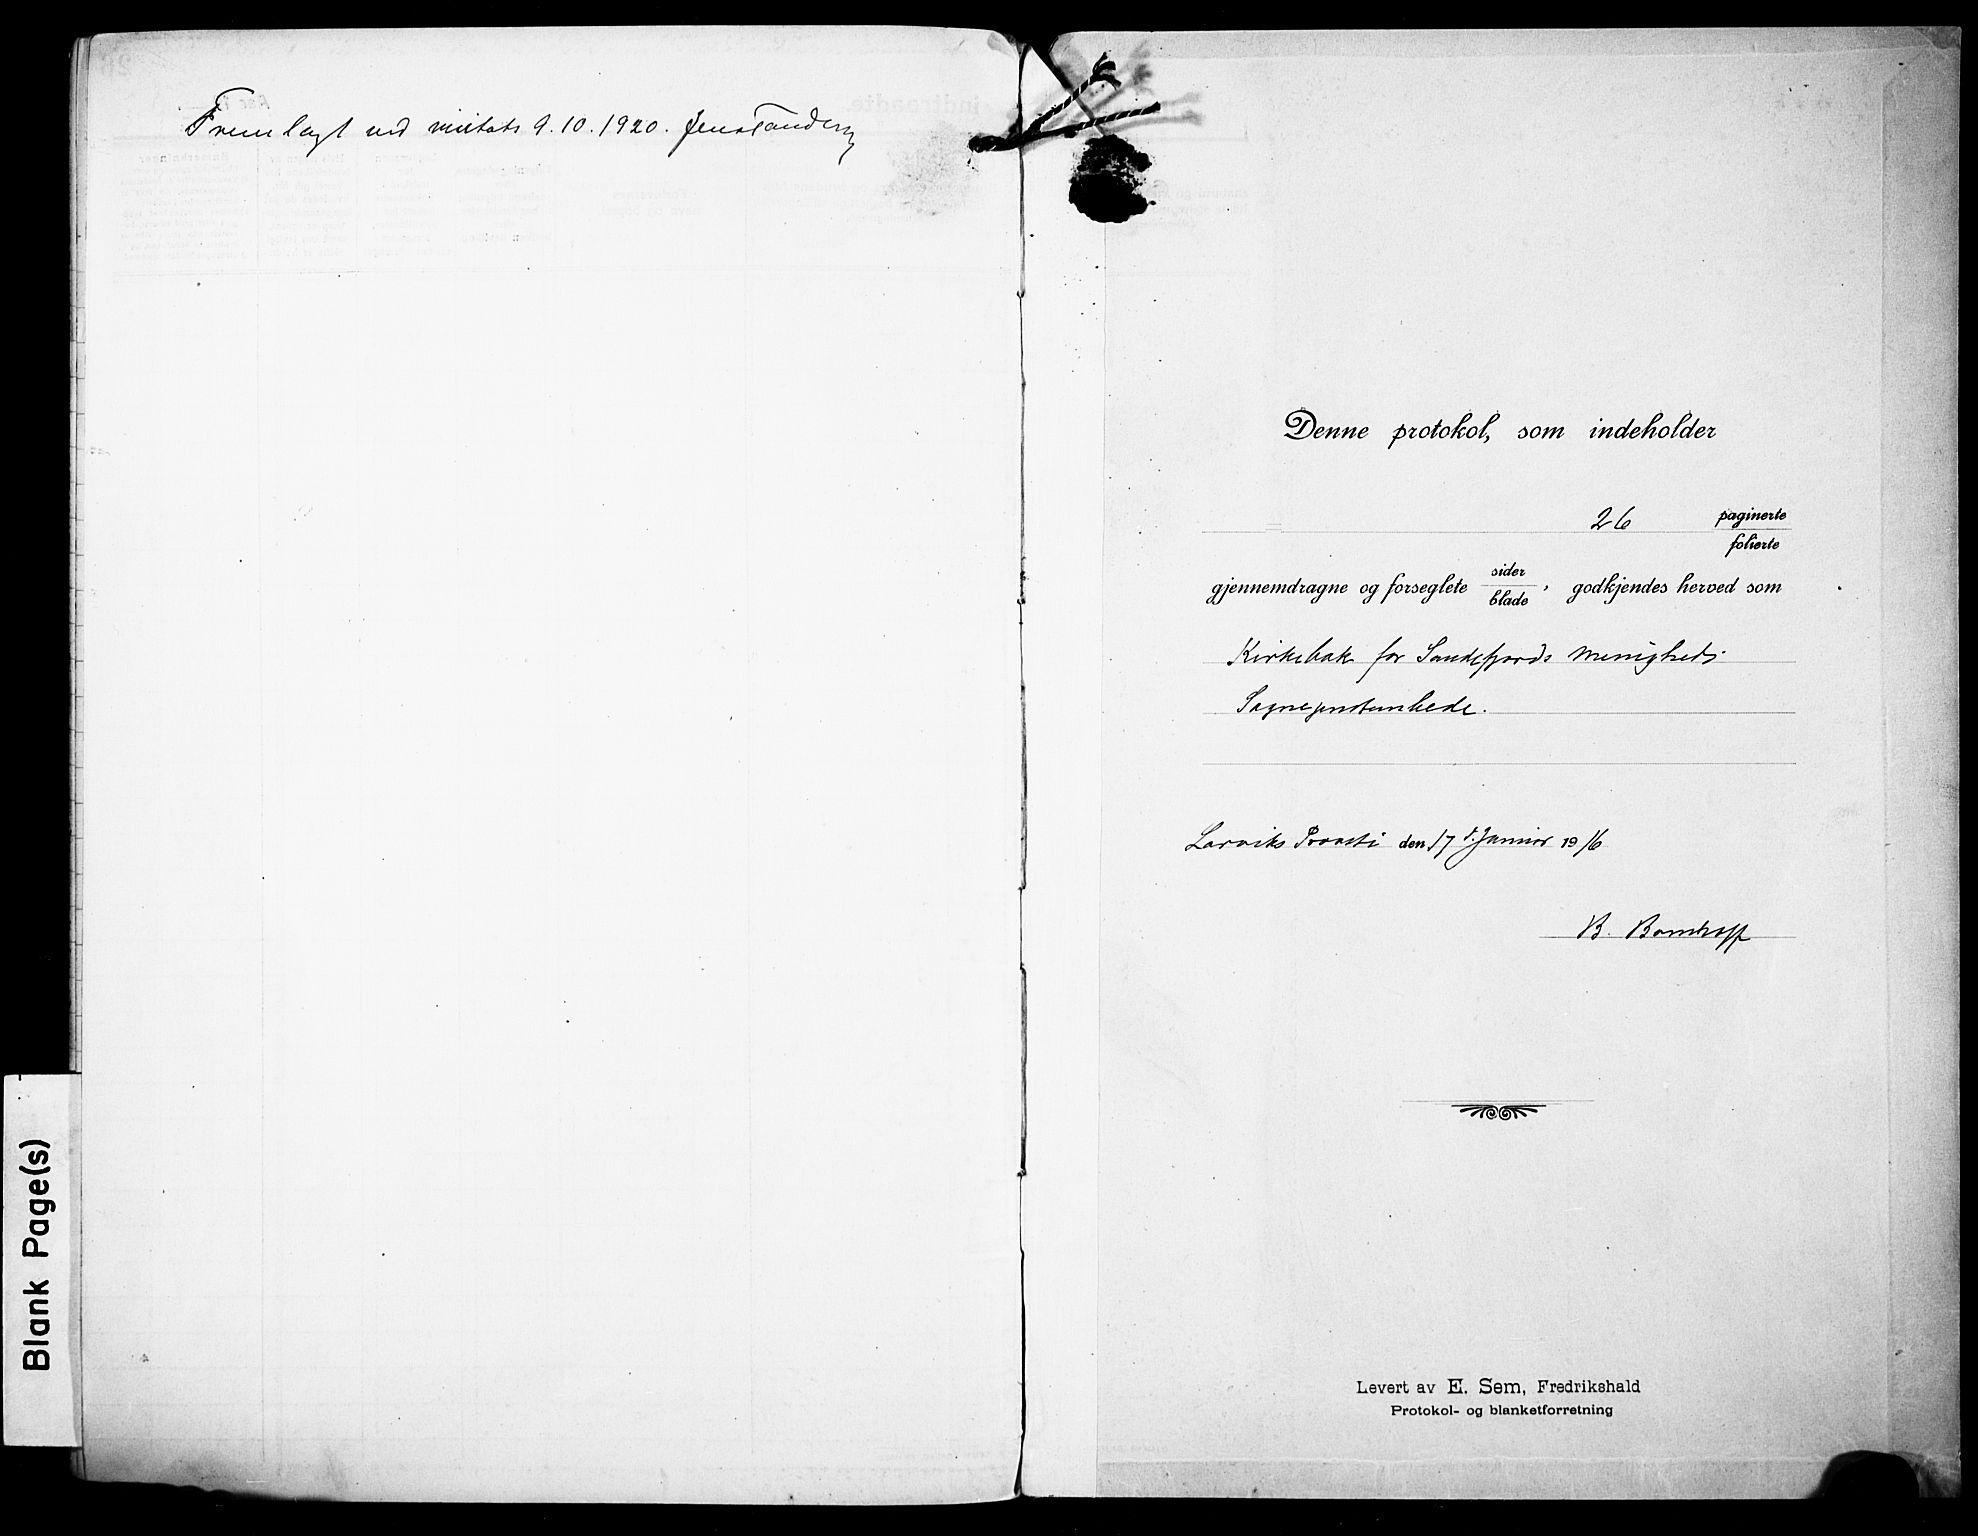 SAKO, Sandefjord kirkebøker, F/Fa/L0006: Ministerialbok nr. 6, 1915-1930